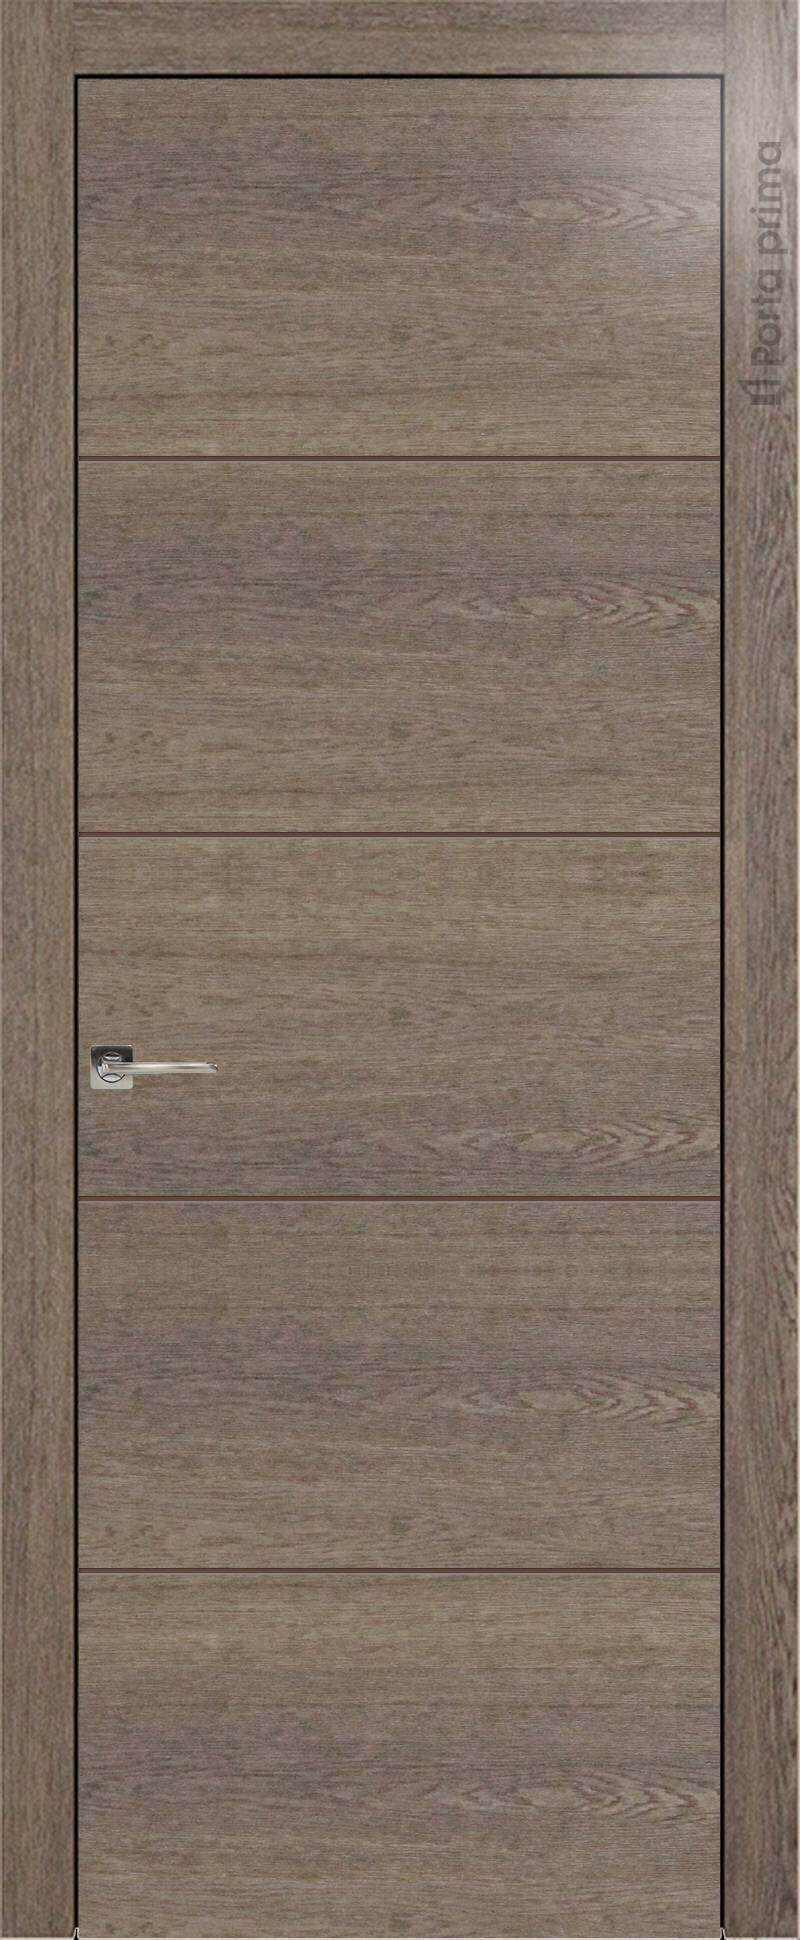 Tivoli Д-2 цвет - Дуб антик Без стекла (ДГ)